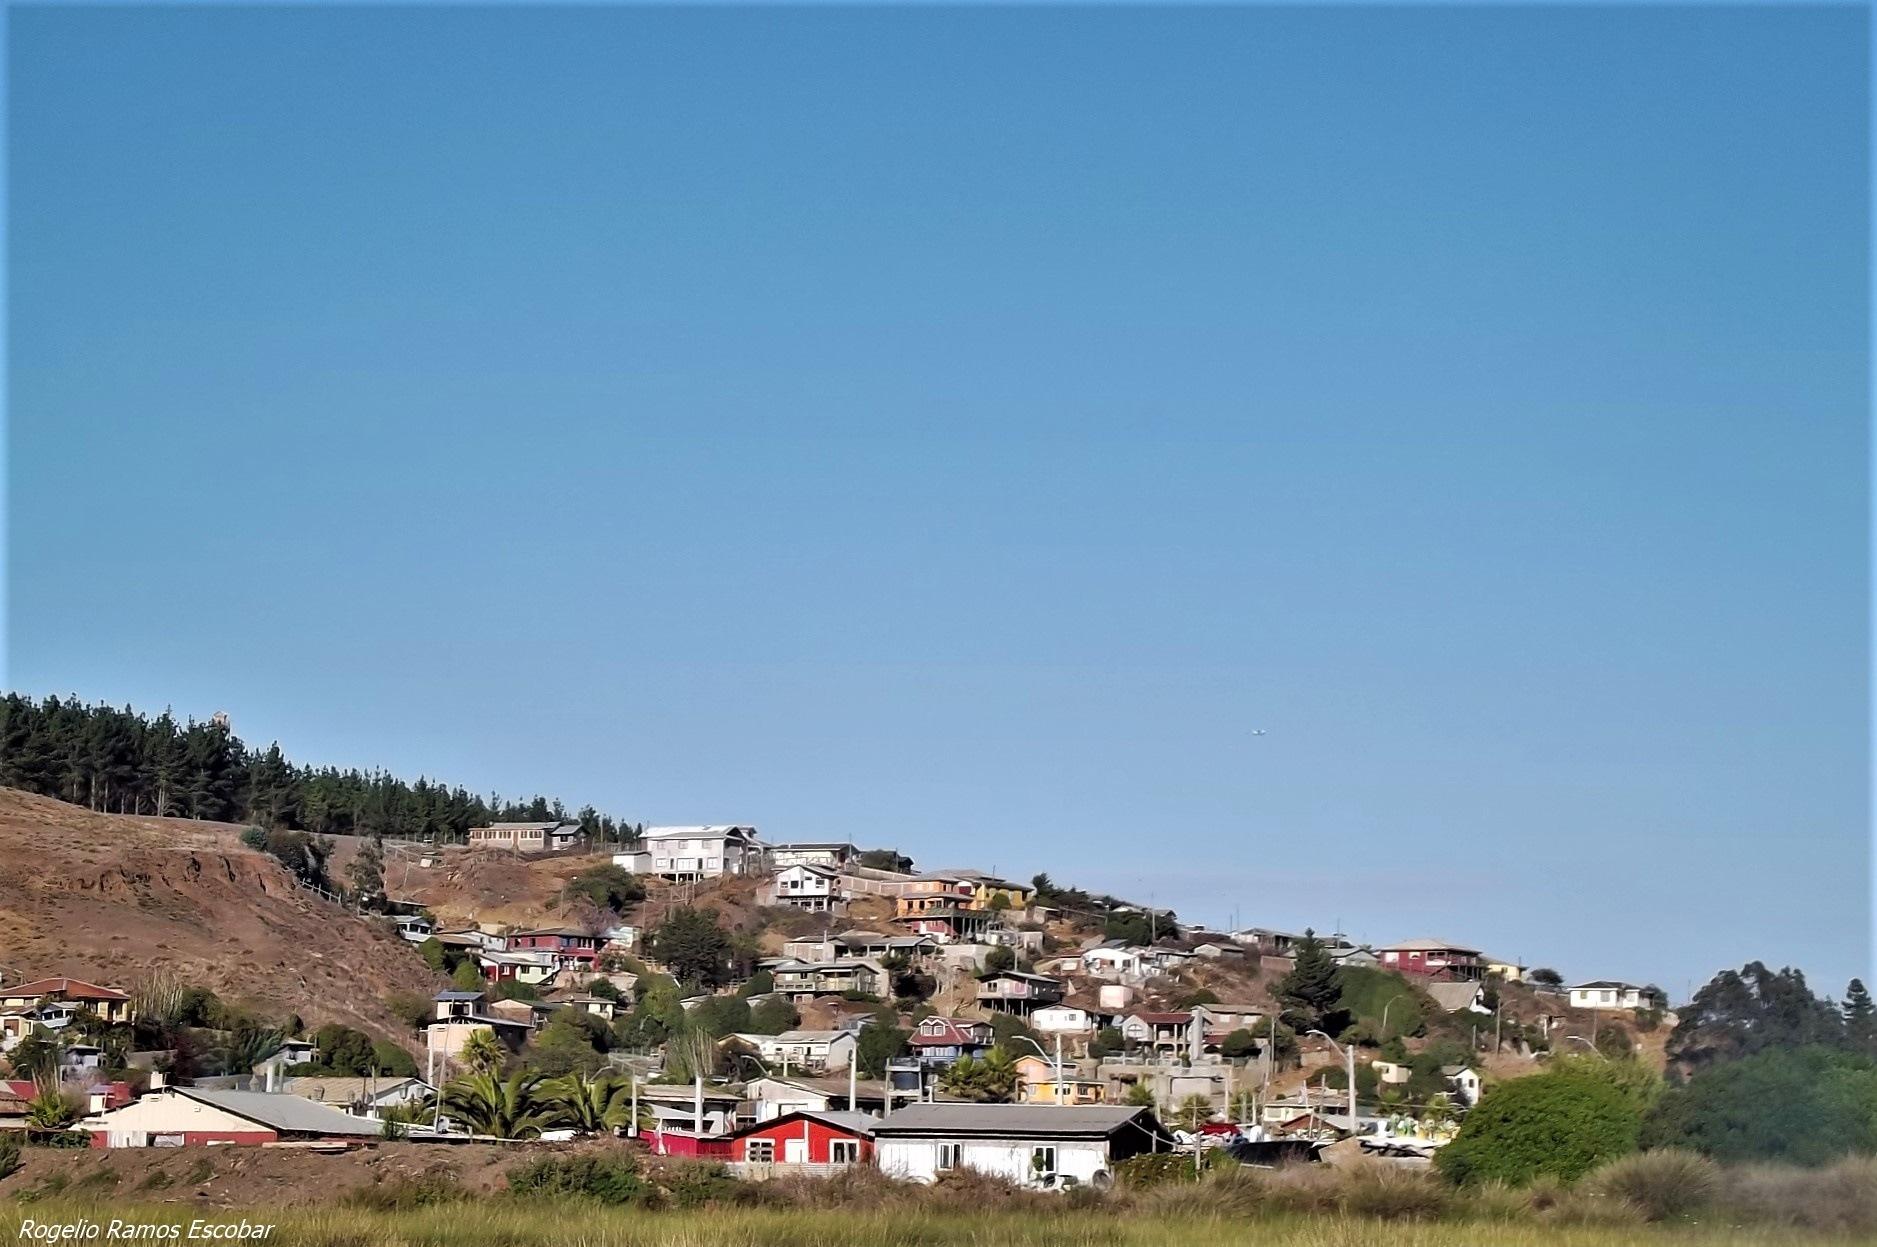 Población by Rogelio Ramos Escobar